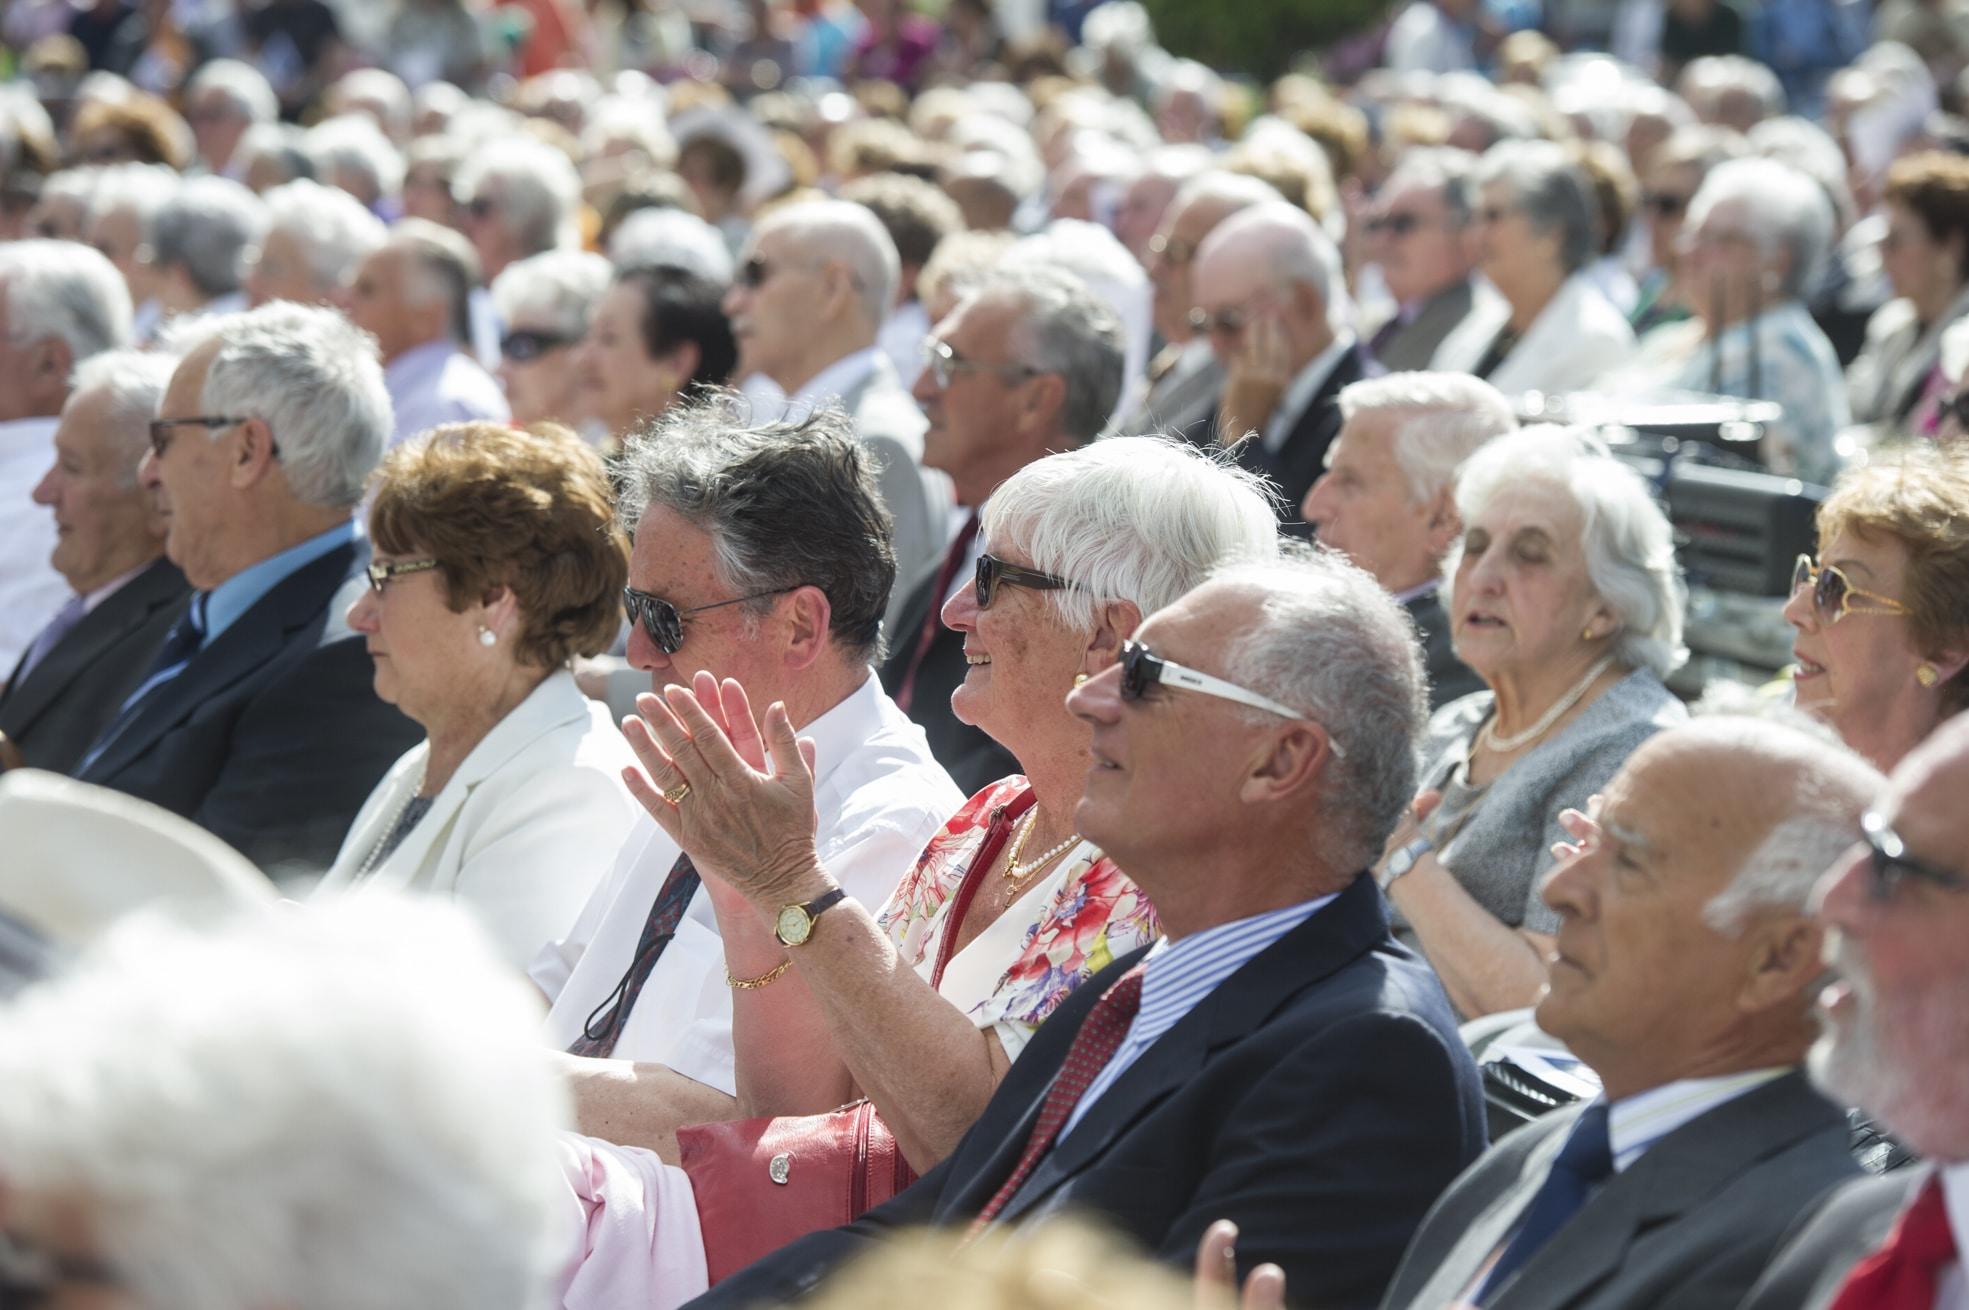 ceremonia-75-anos-evacuacion-gibraltar-22052015-23_17968776966_o